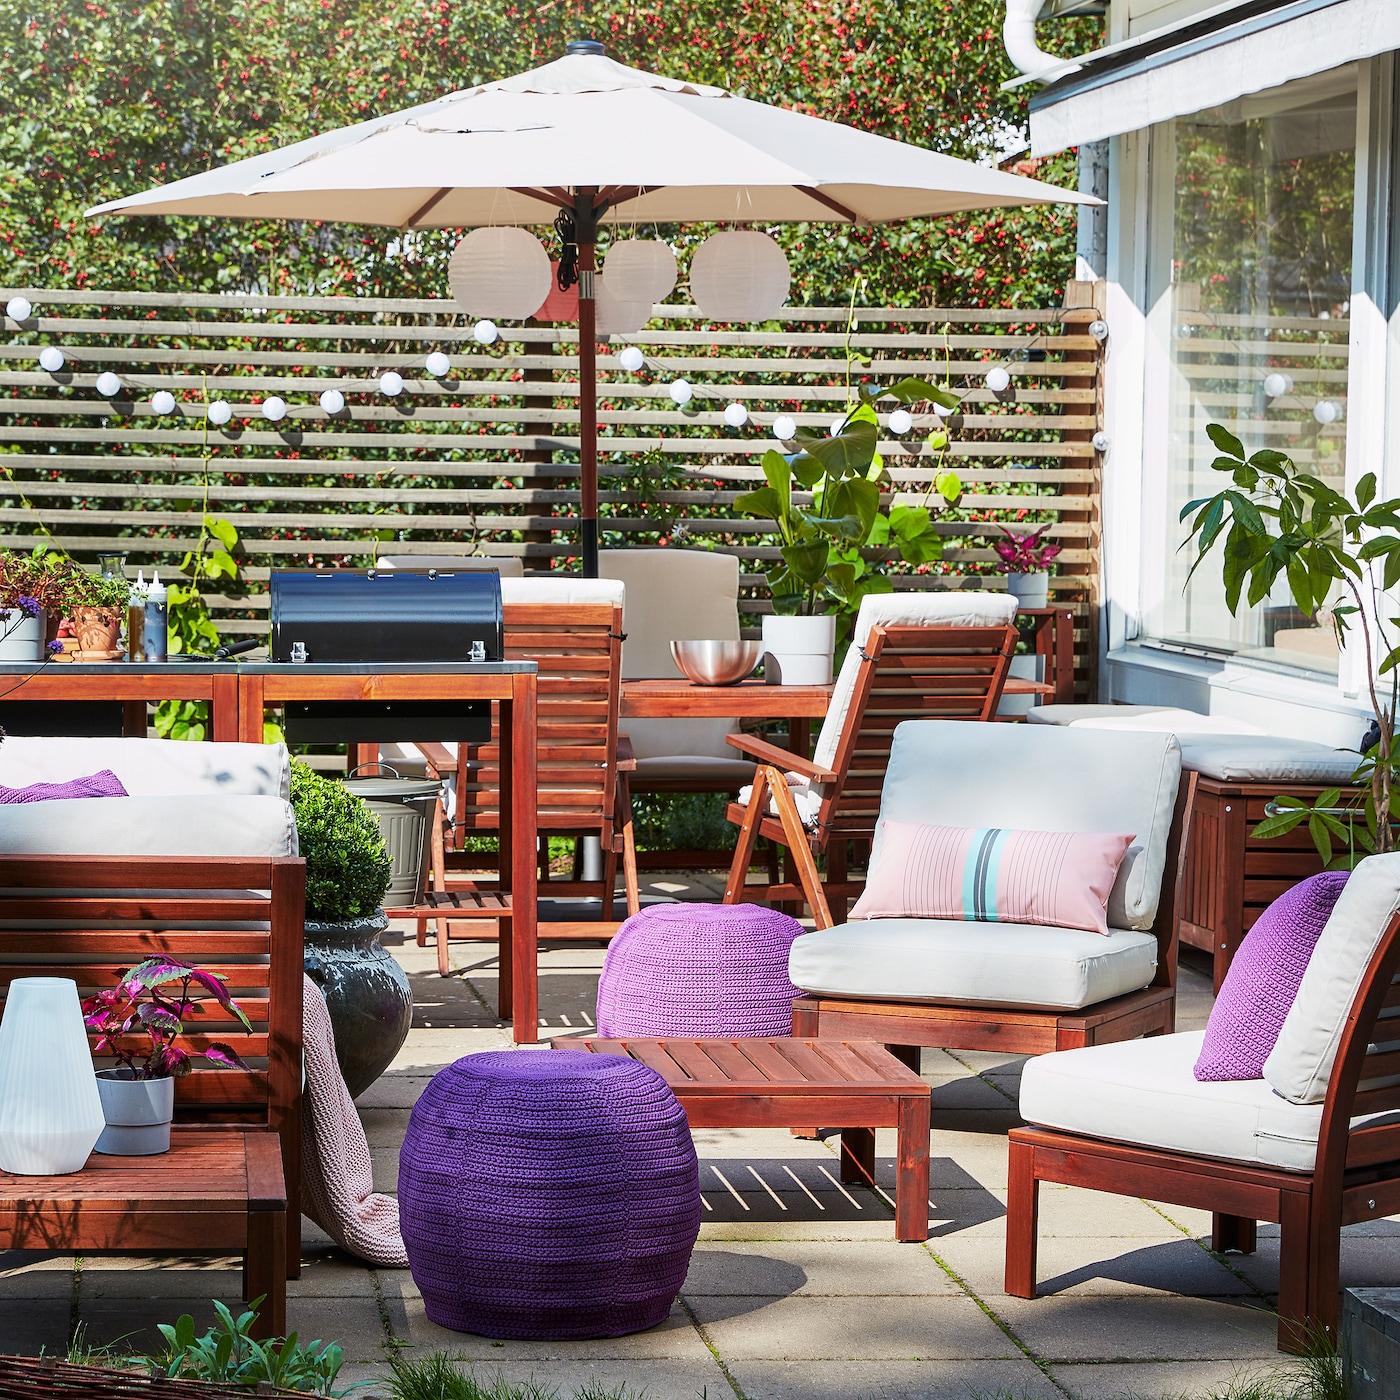 Terasă cu grătar, 4 secțiuni de șezut din lemn de salcâm, o umbrelă bej, pouf-uri bej și perne decorative de exterior, bej.